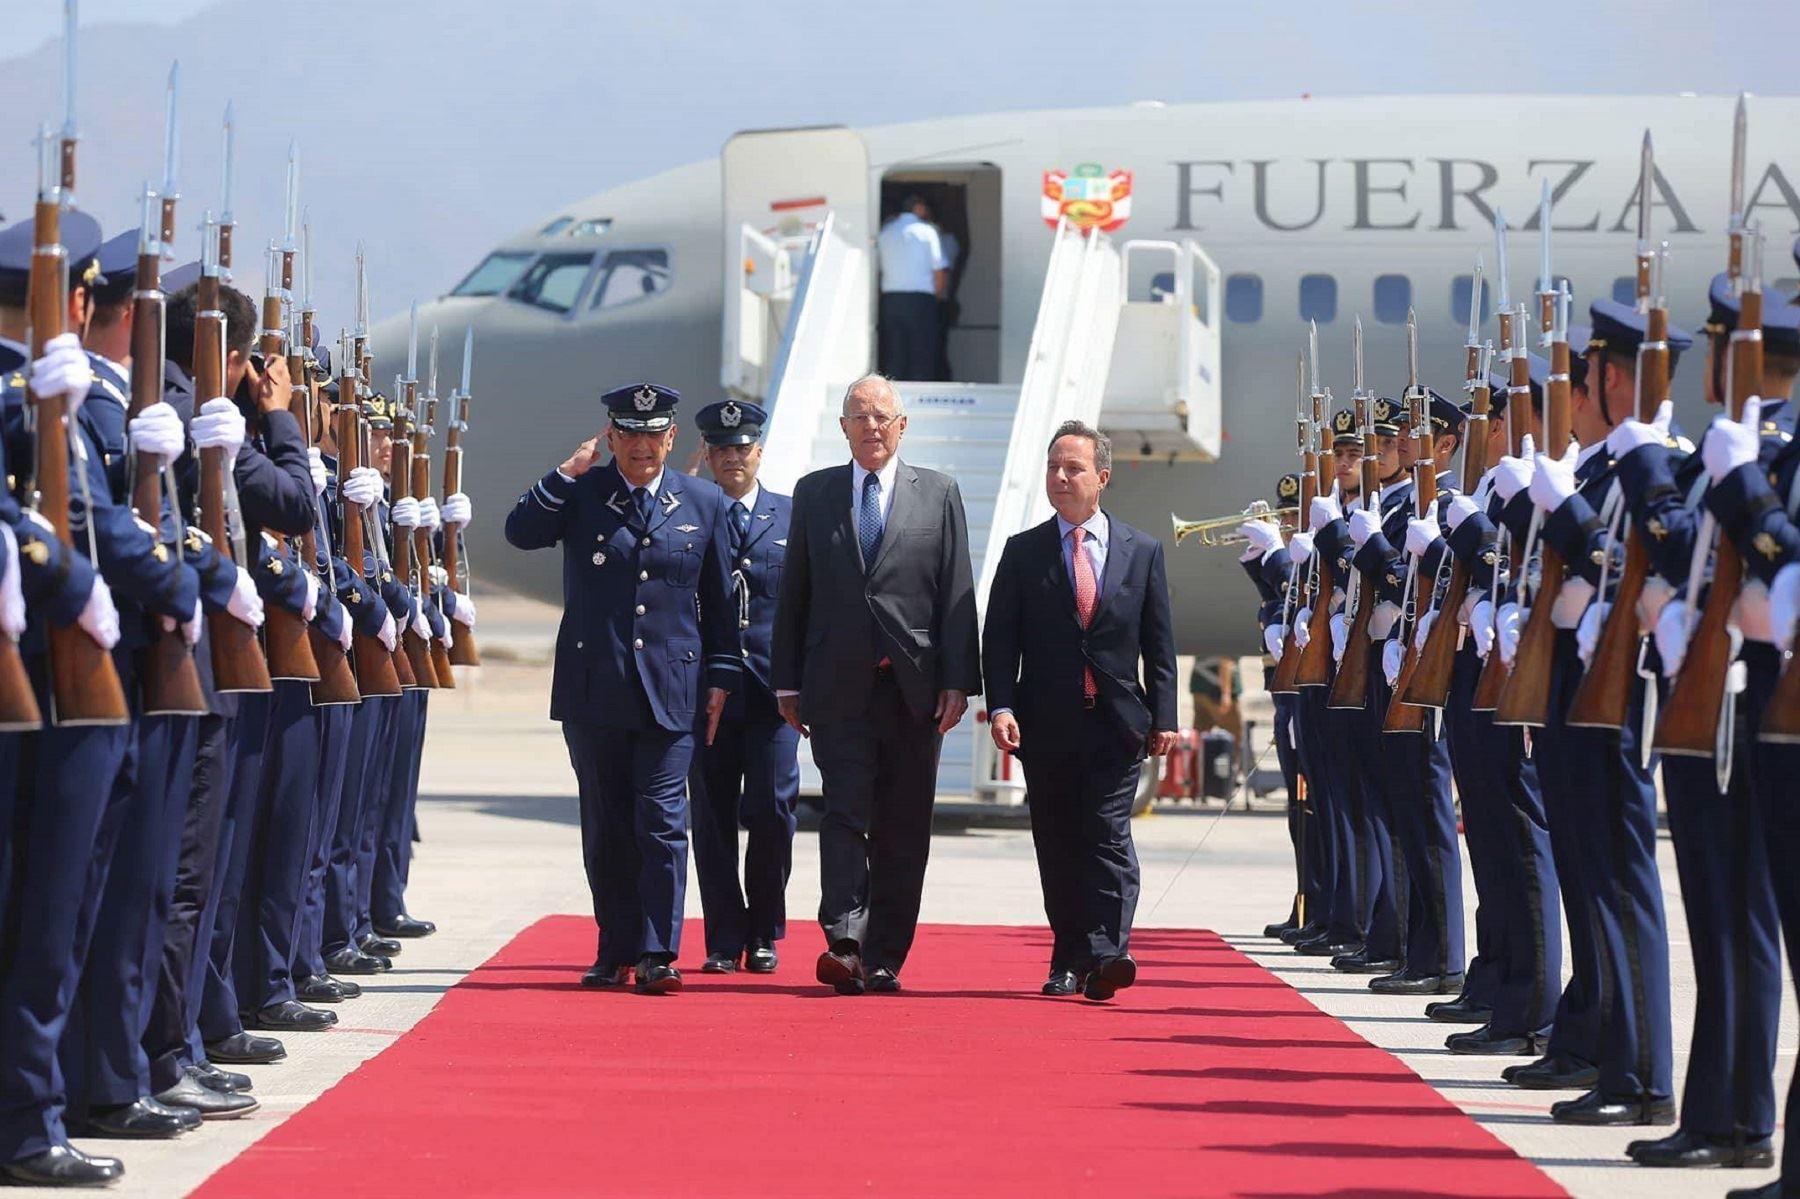 La toma de posesión de Sebastían Piñera fue muy curiosa